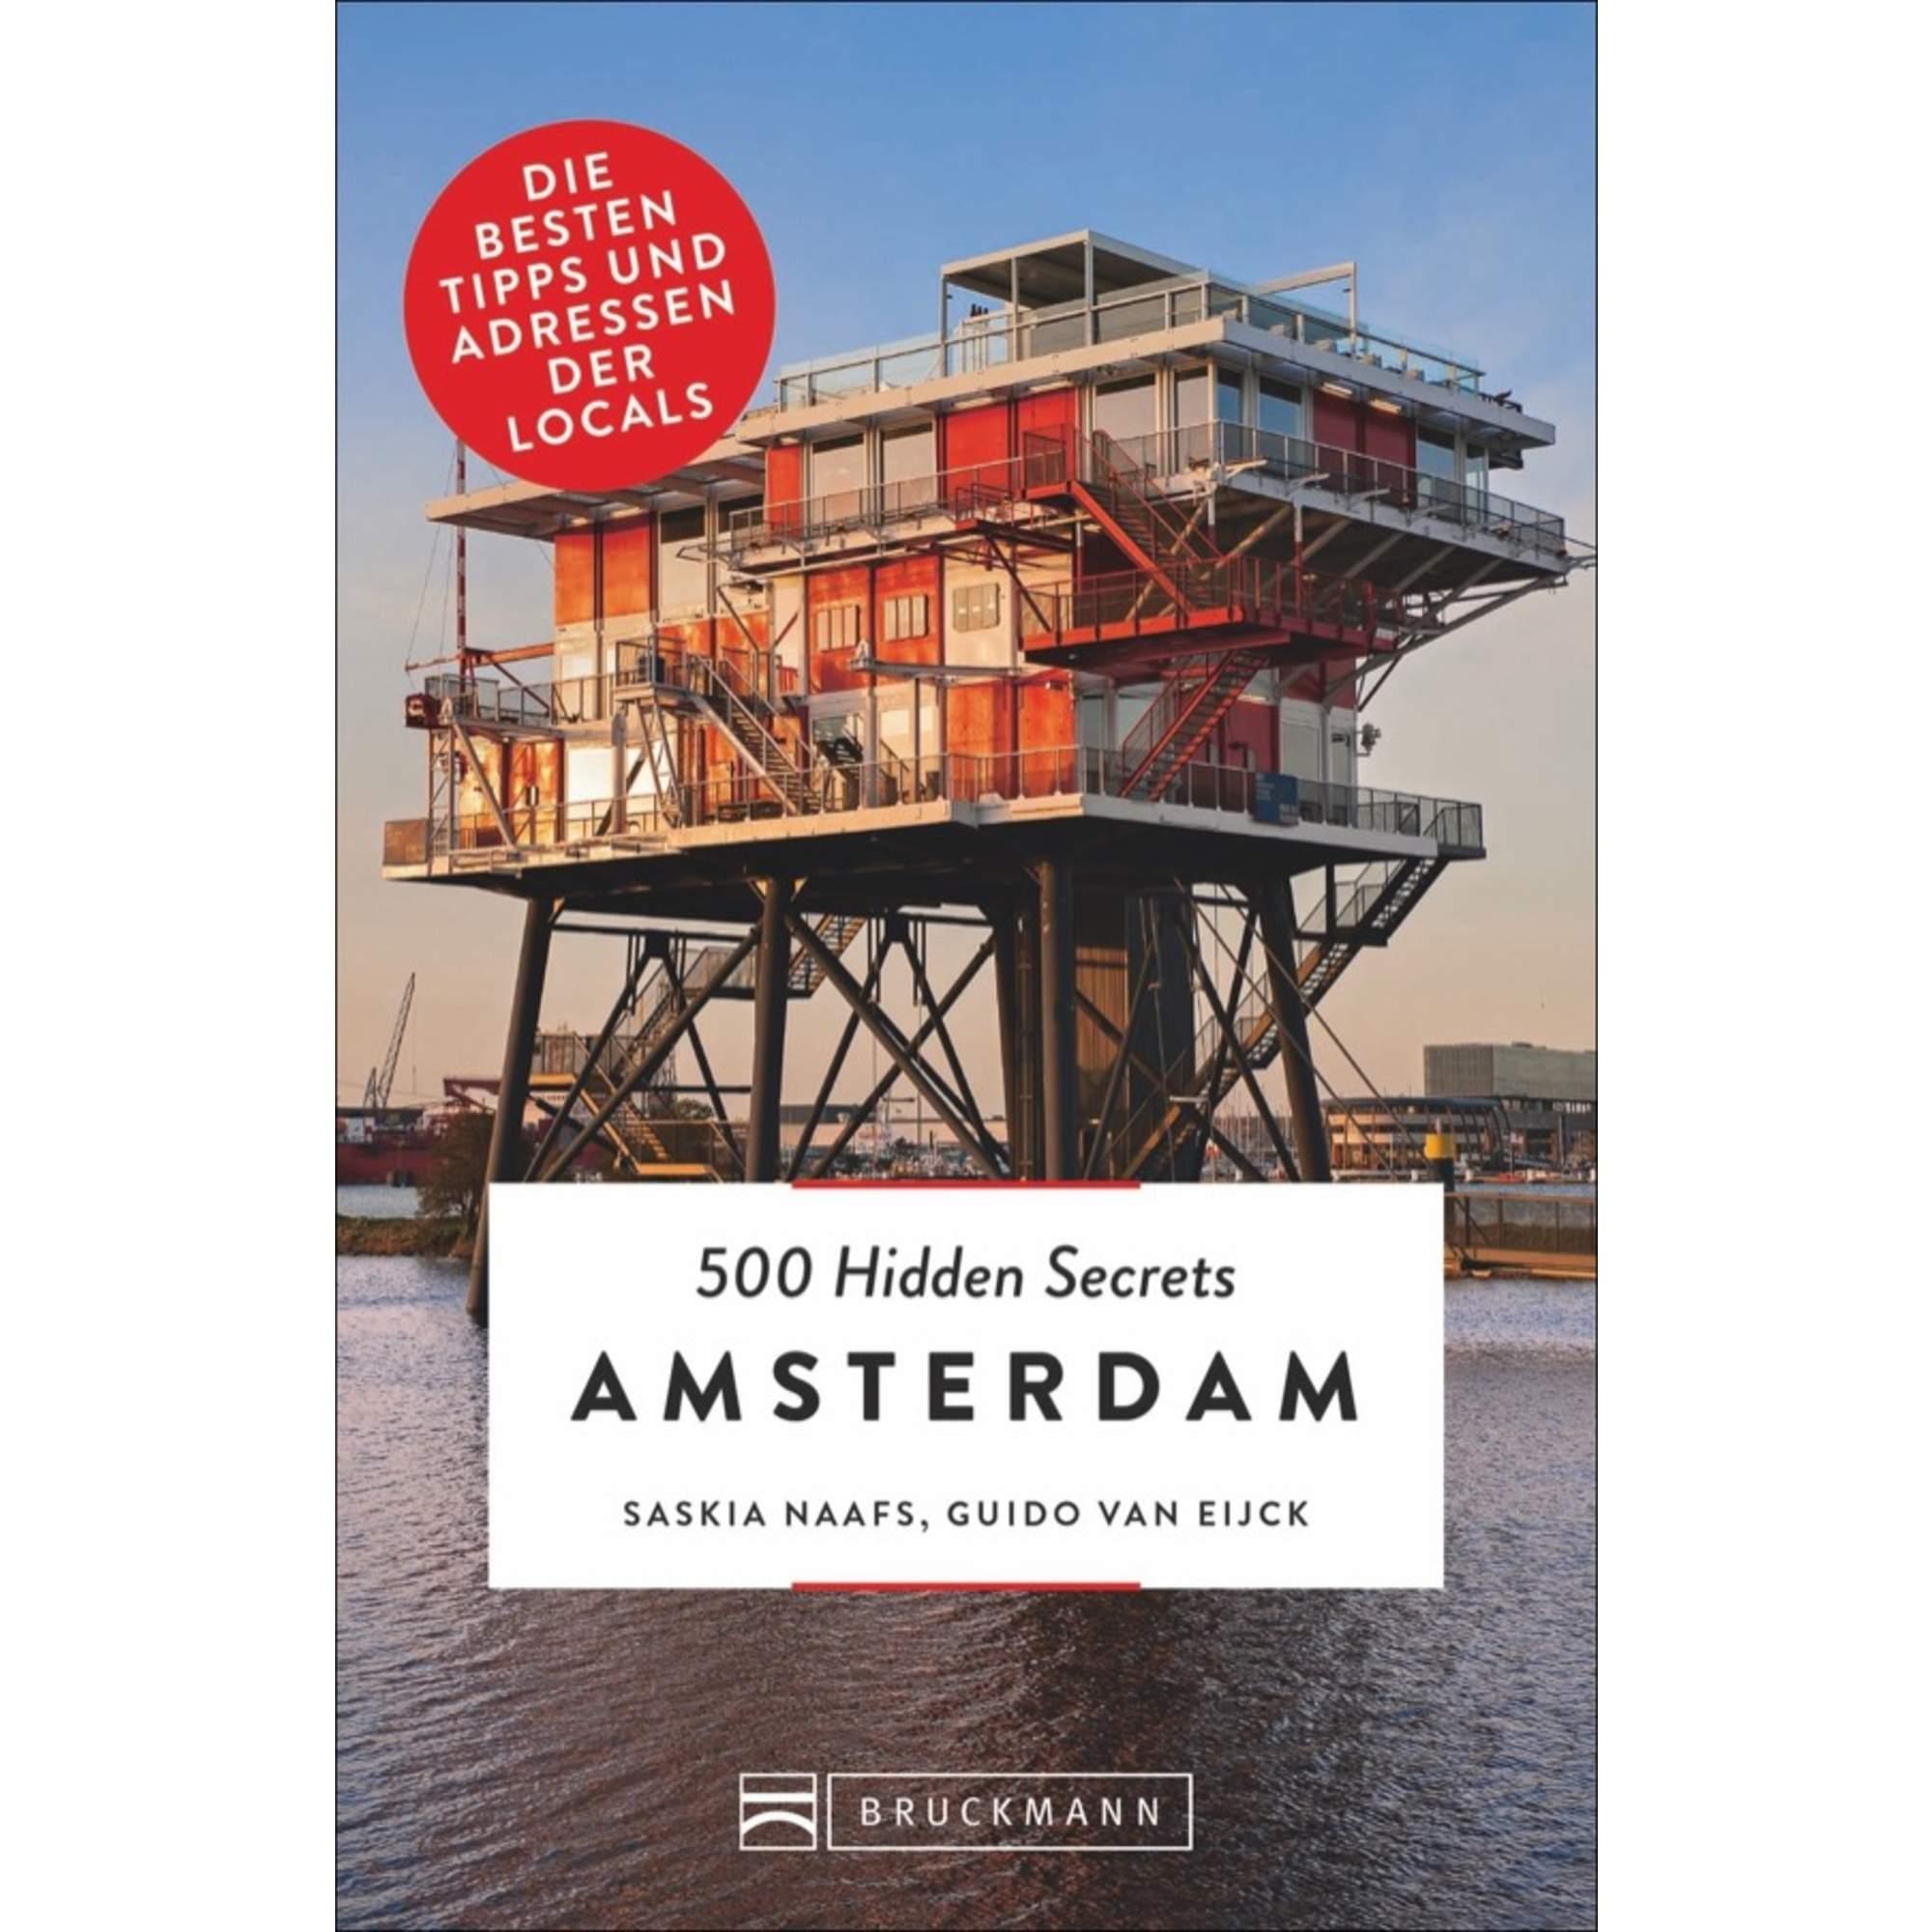 500 HIDDEN SECRETS AMSTERDAM, 15,99 Euro